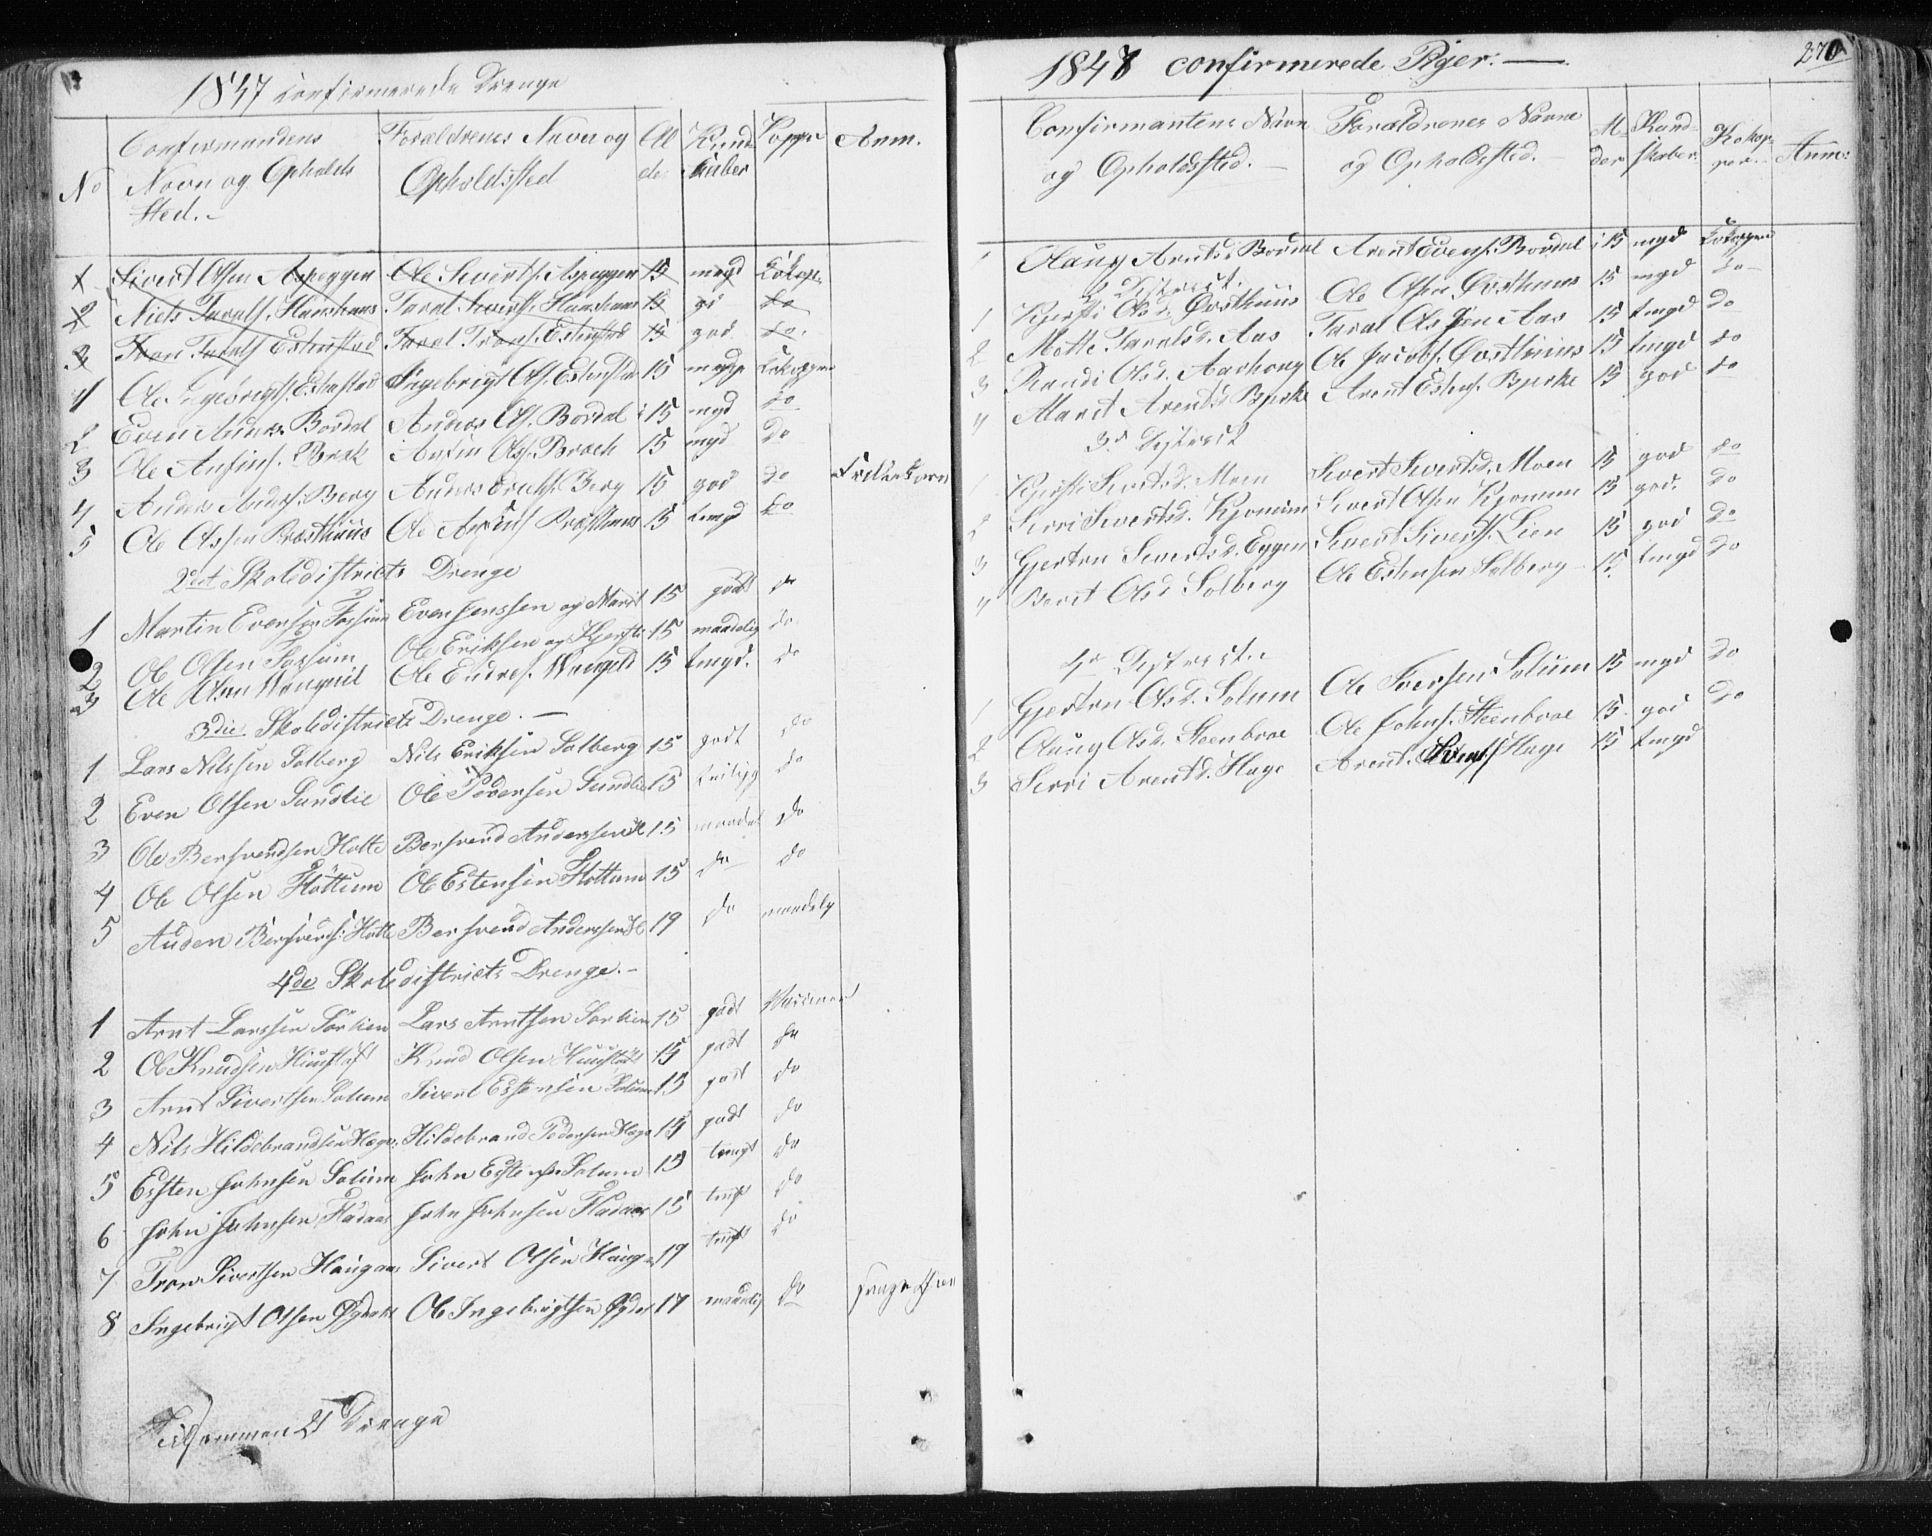 SAT, Ministerialprotokoller, klokkerbøker og fødselsregistre - Sør-Trøndelag, 689/L1043: Klokkerbok nr. 689C02, 1816-1892, s. 270